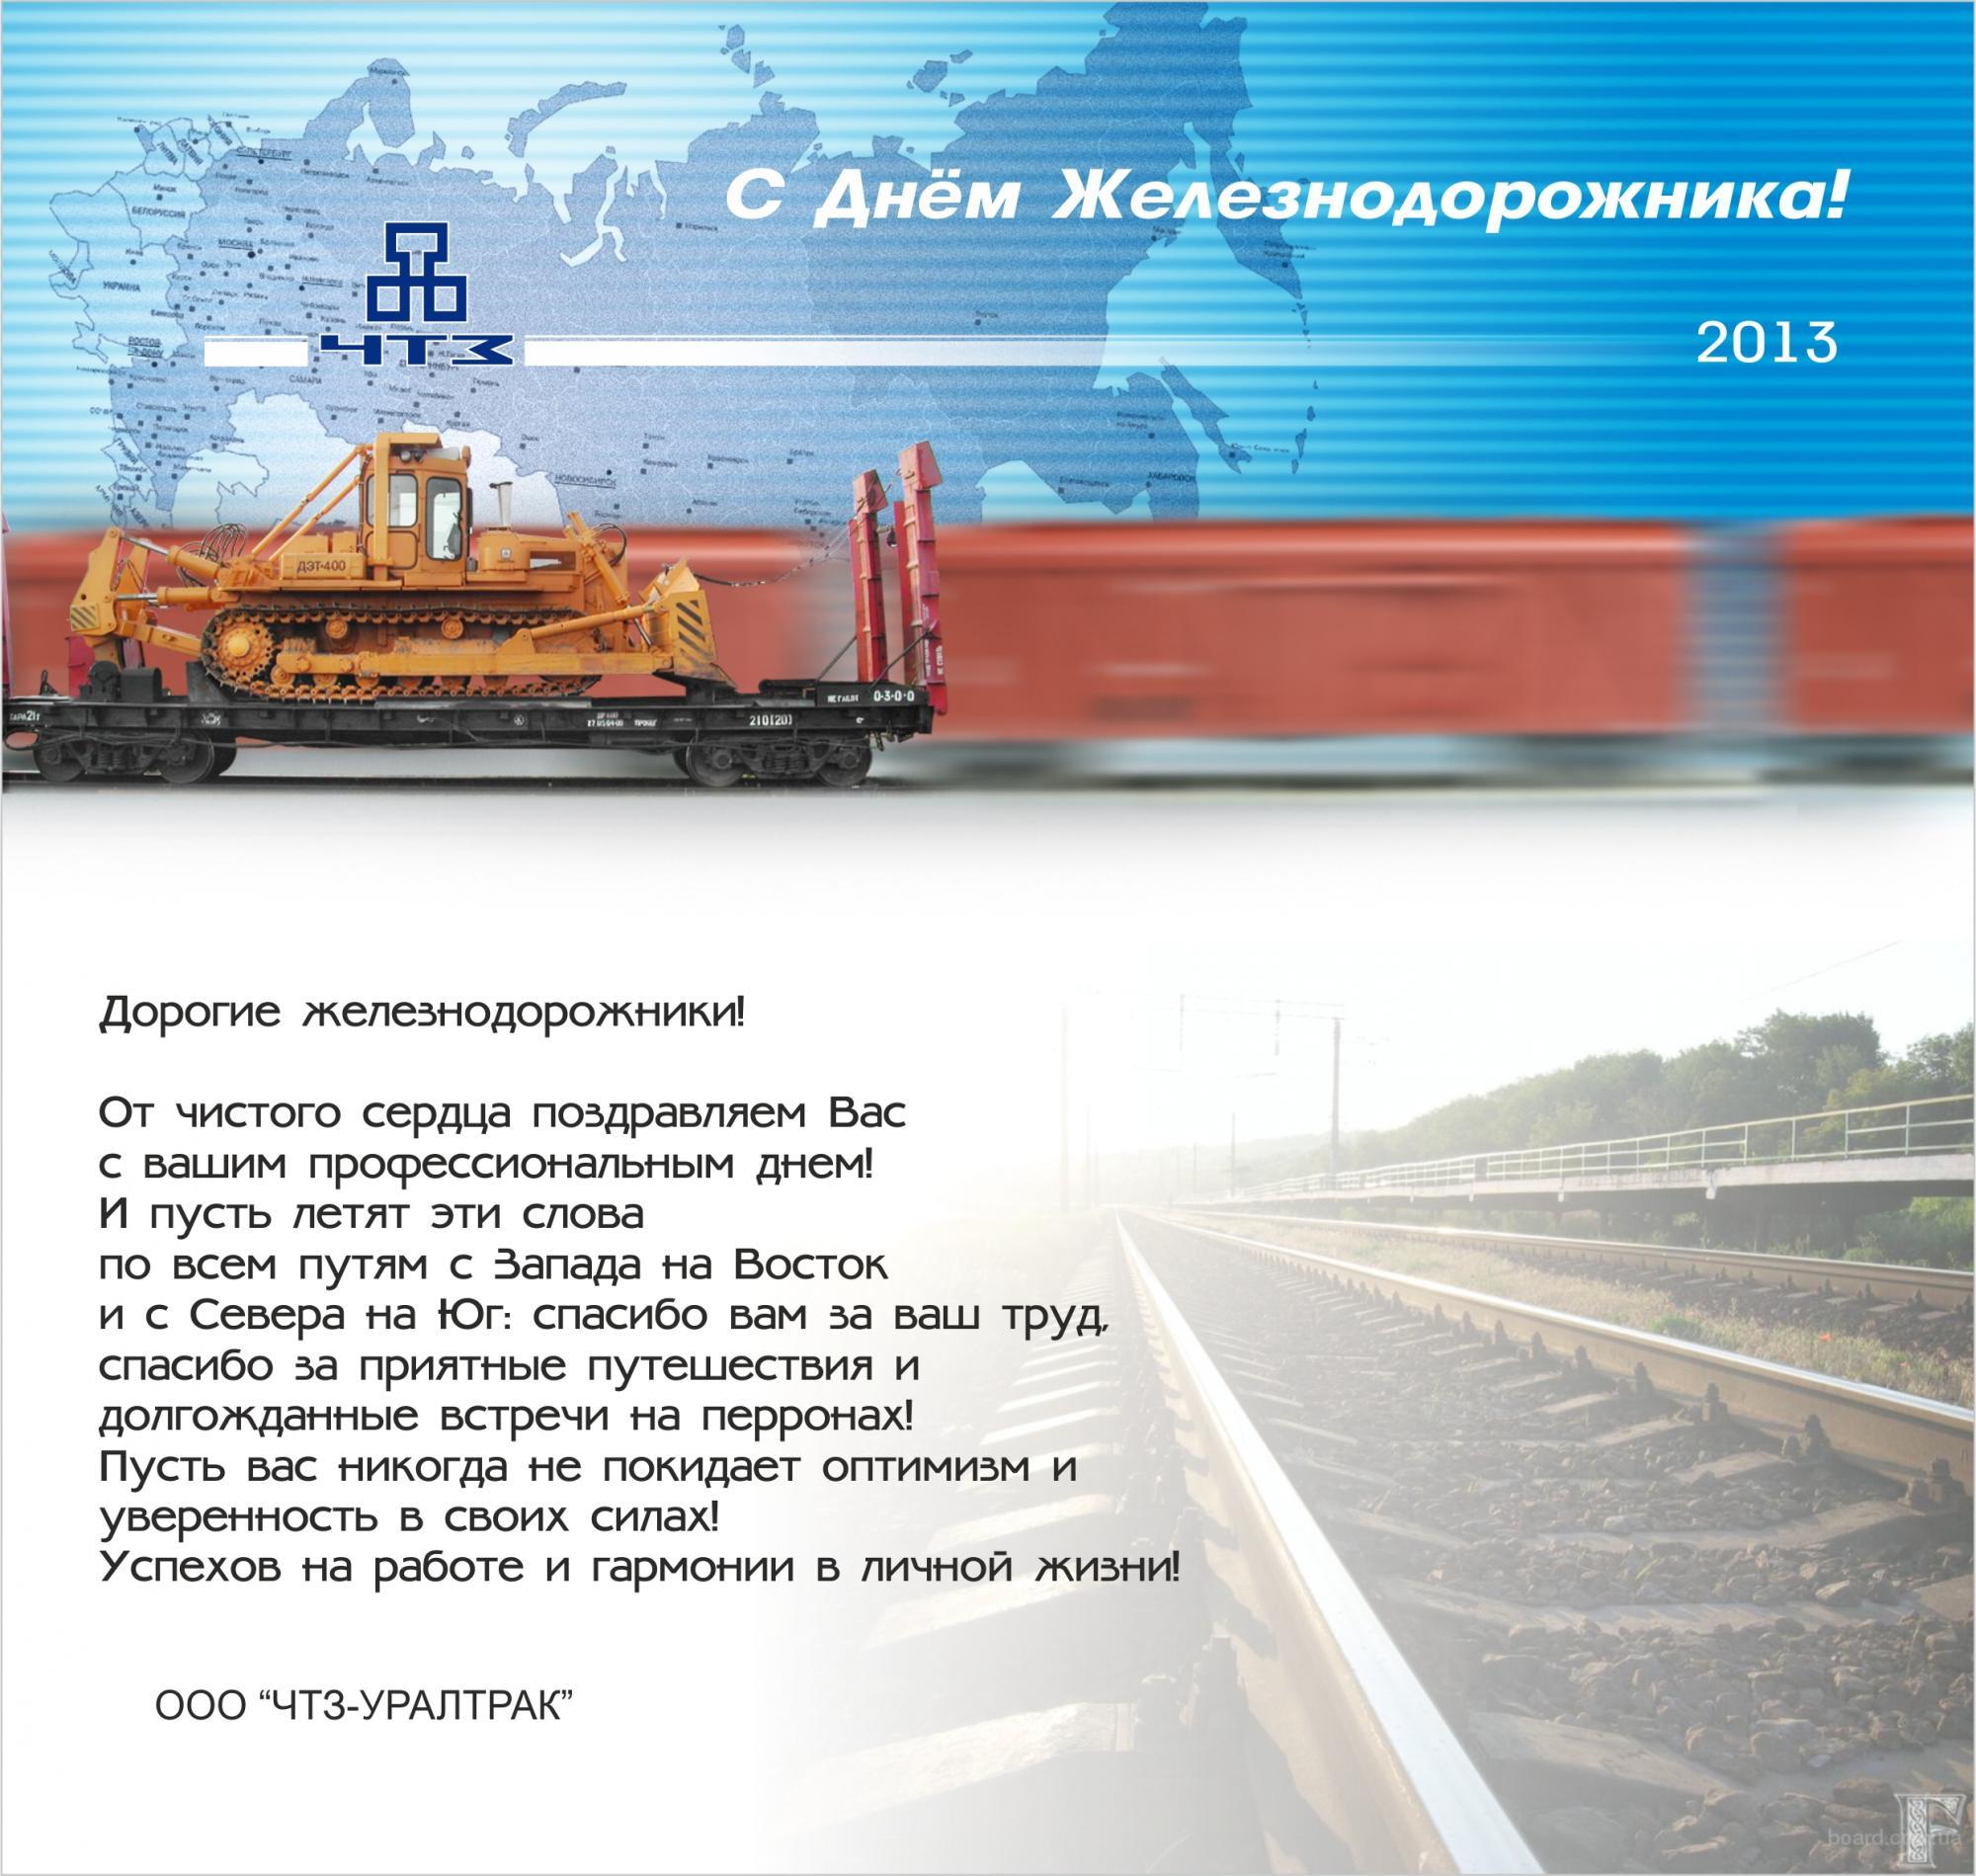 Поздравления с днем железнодорожника машинист 364